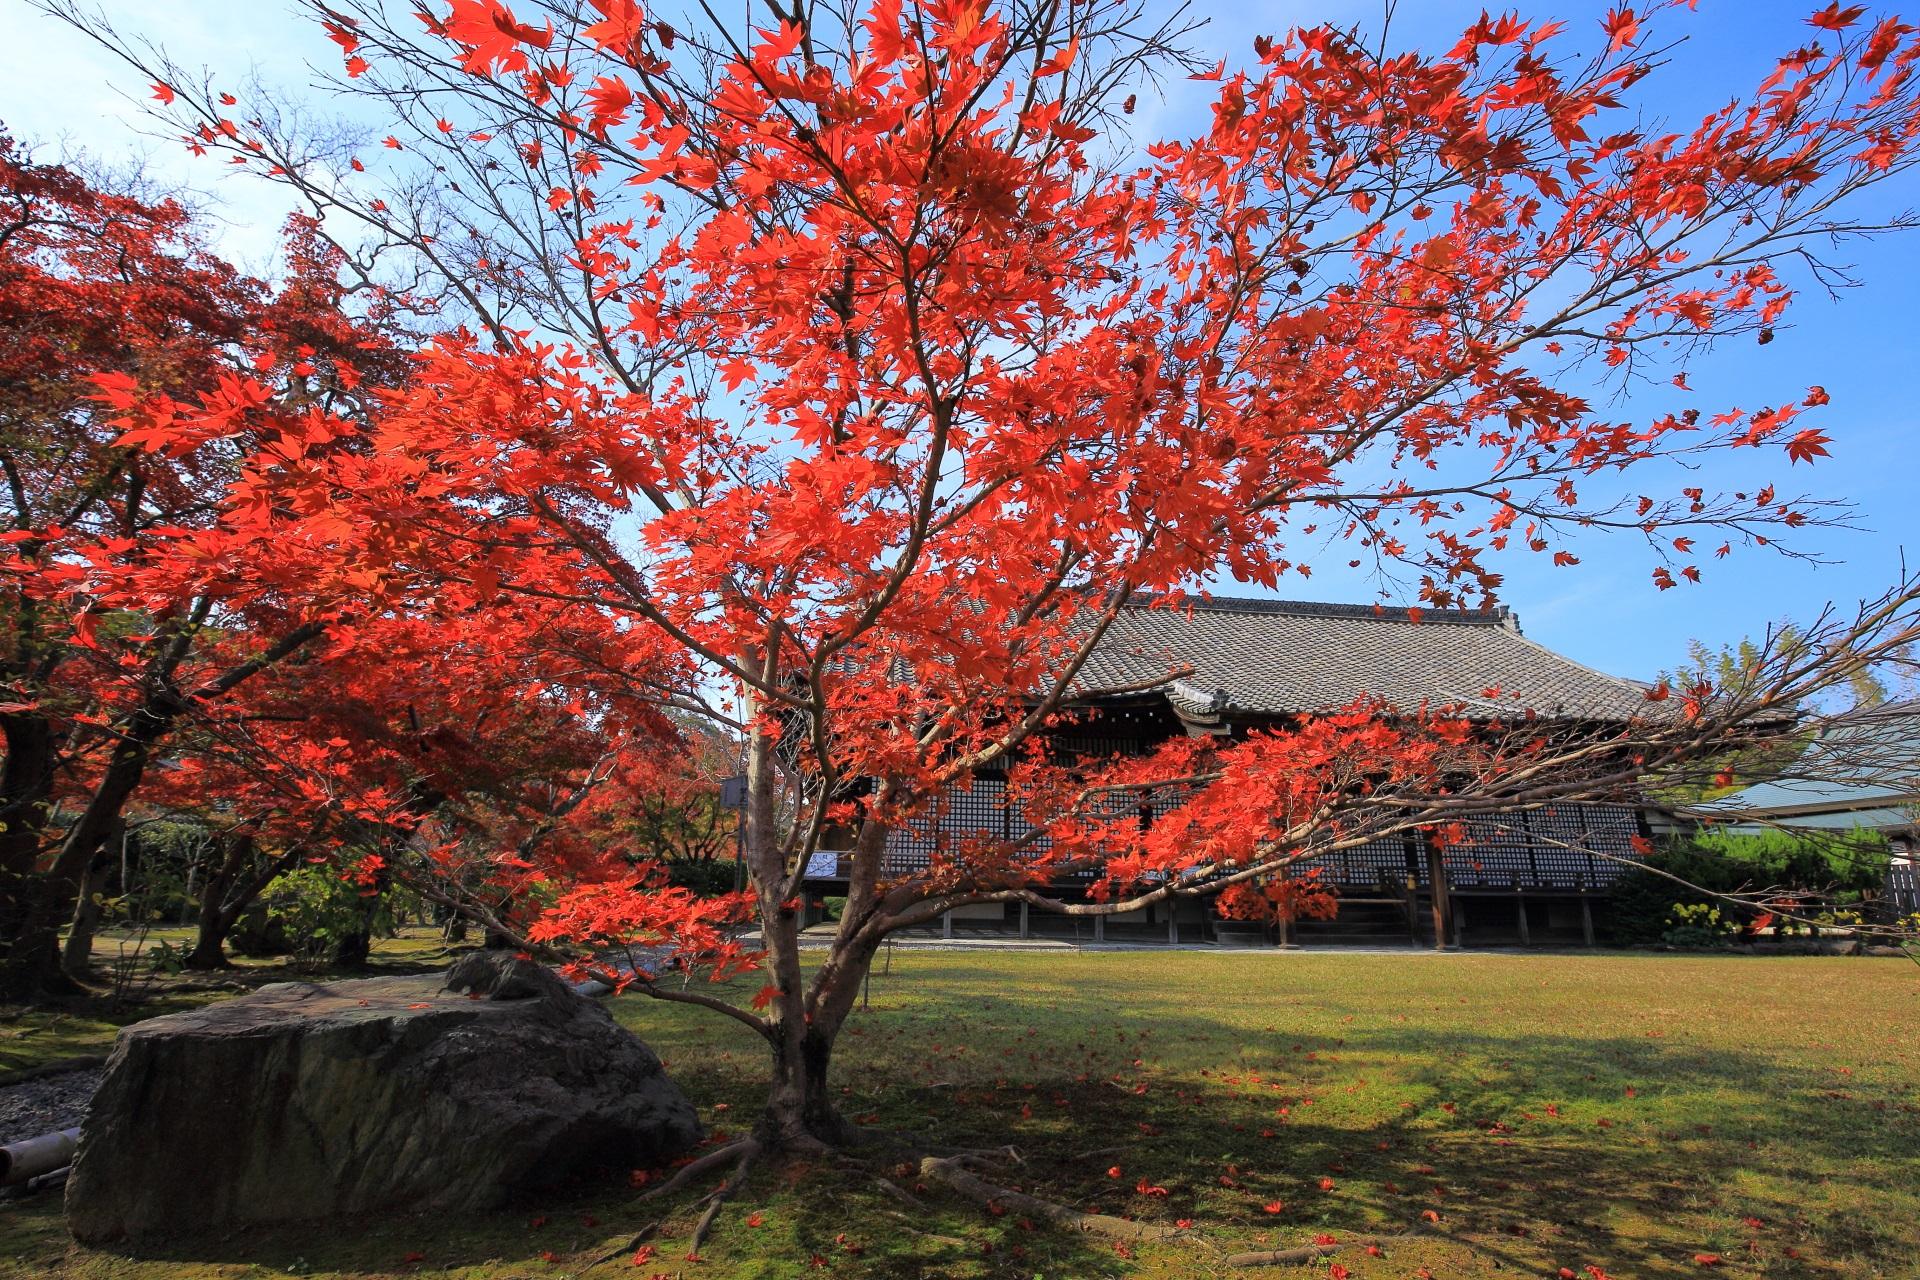 紅葉の穴場の青空に映える鮮烈な赤色の紅葉